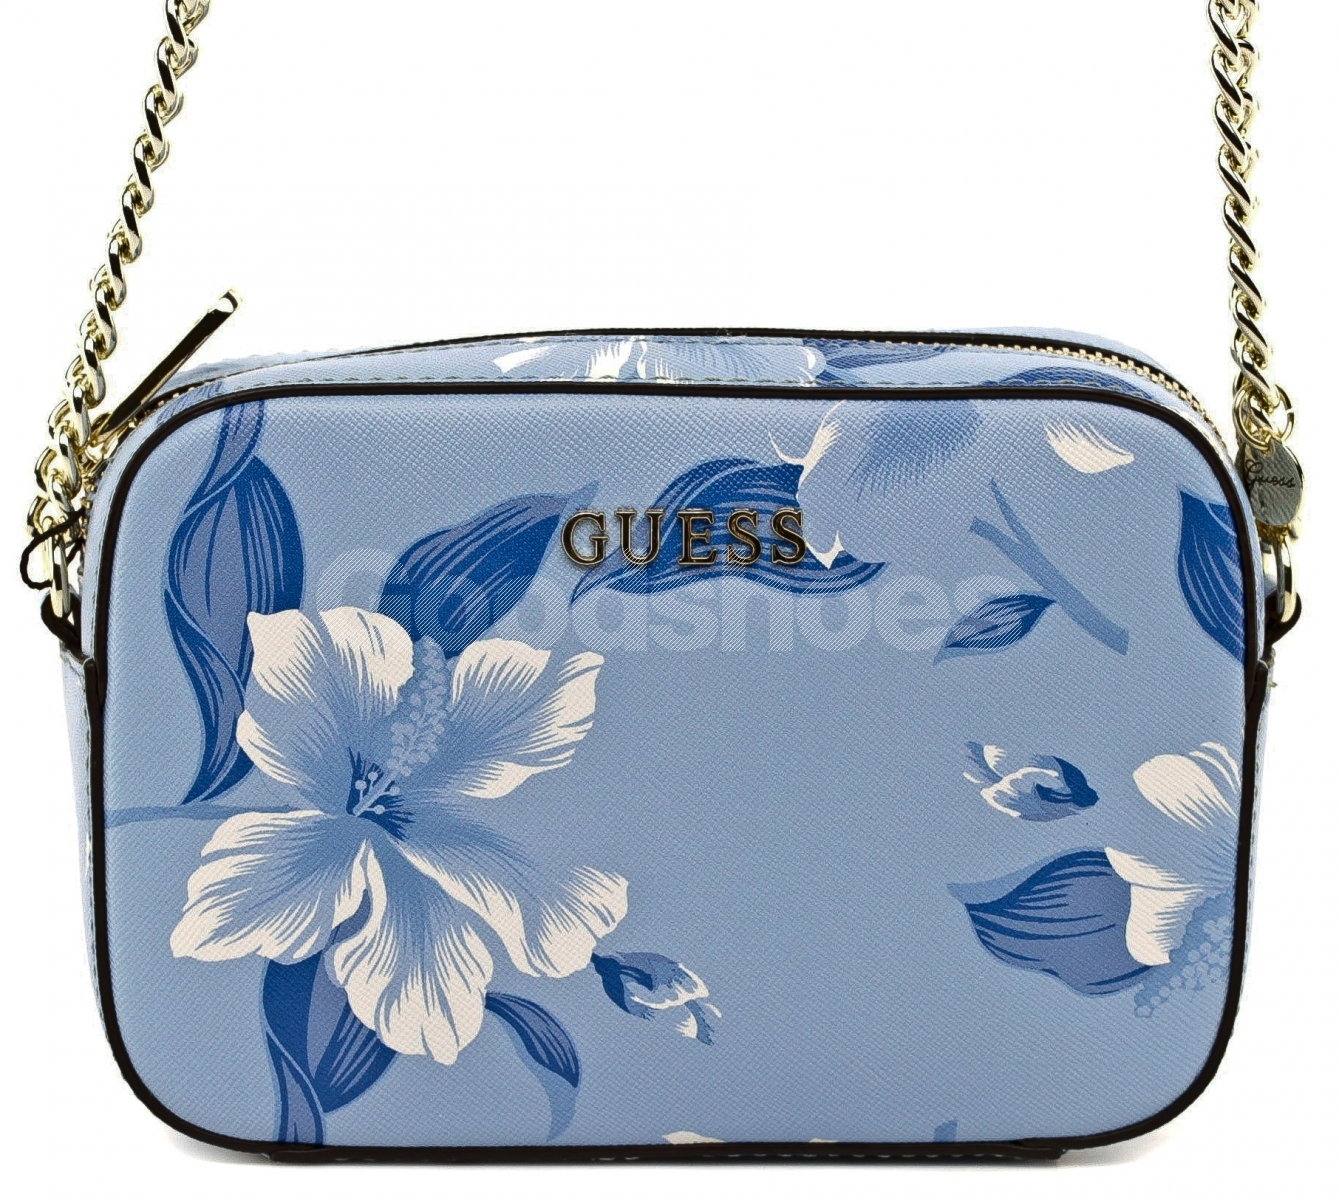 4922dc789d26b Listonoszka Damska GUESS Niebieska W Kwiaty 22 HWISAH P7212 BLM ...